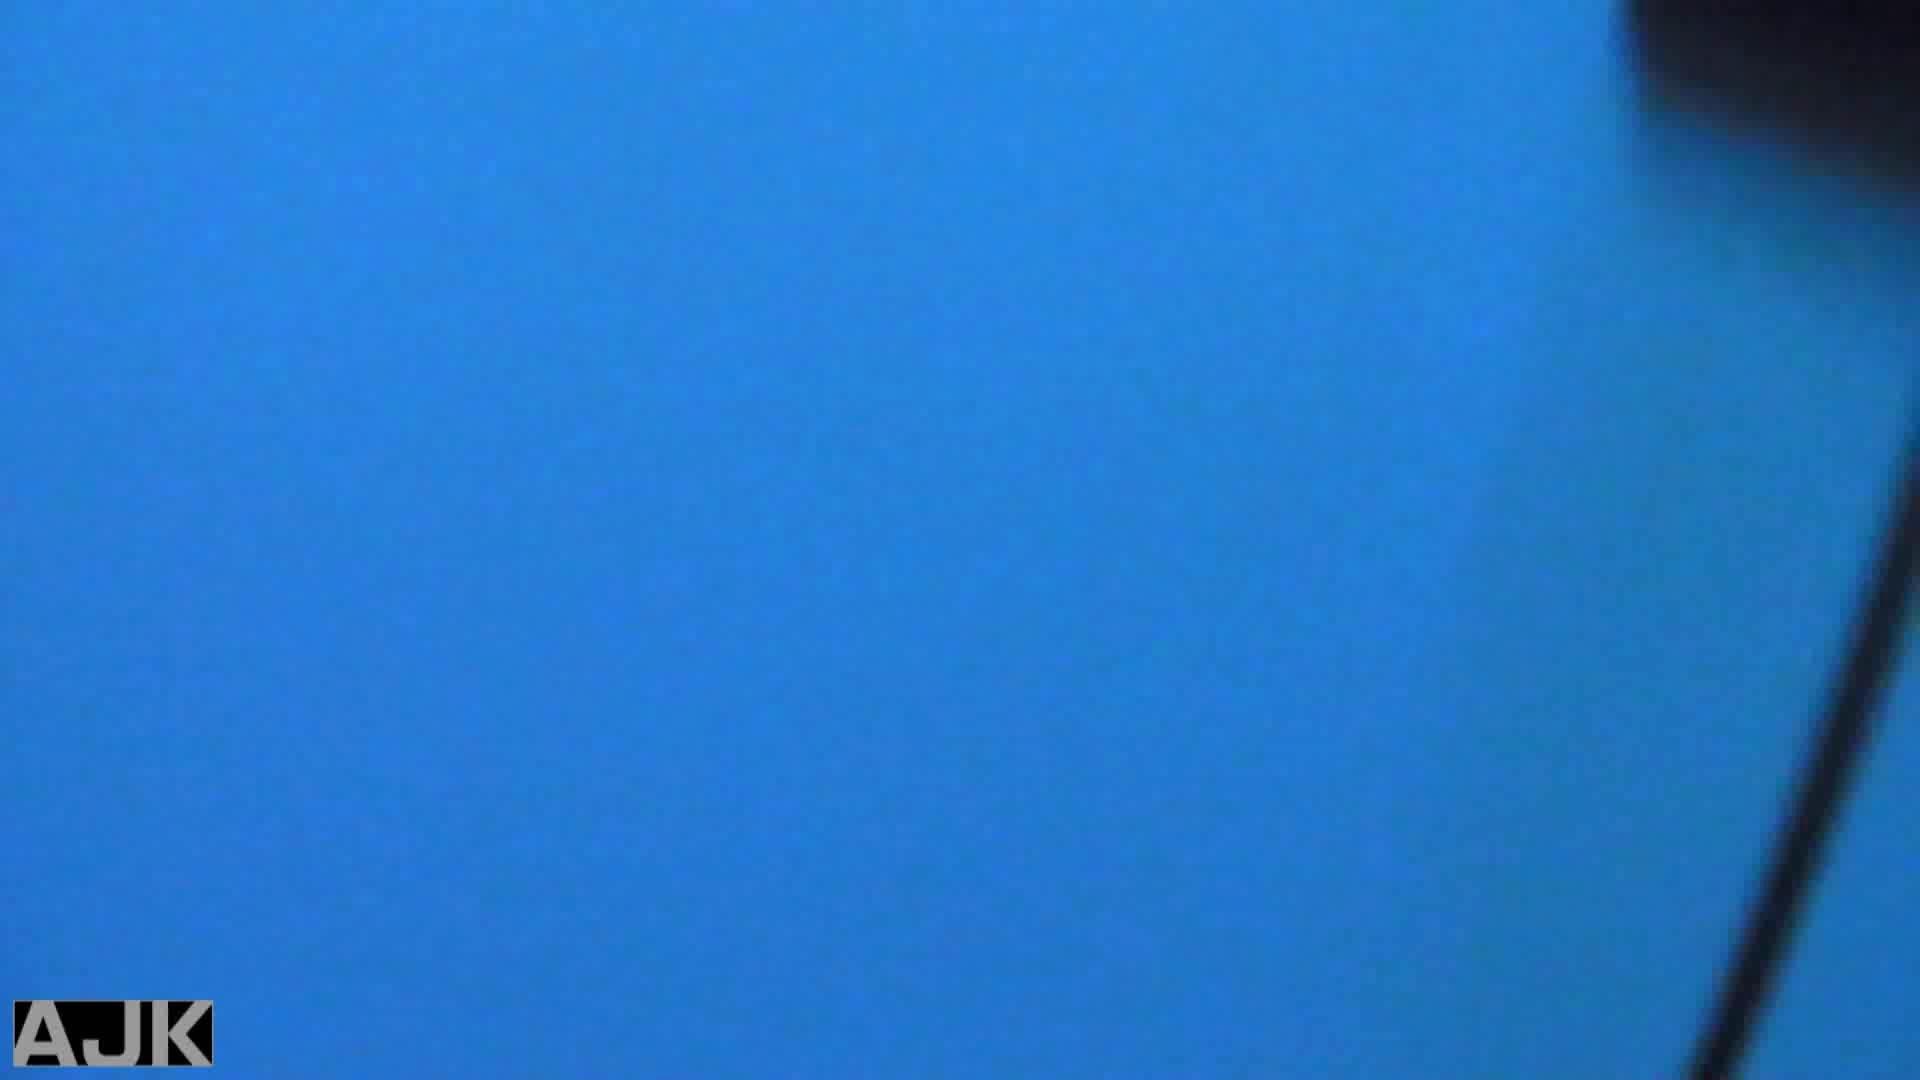 神降臨!史上最強の潜入かわや! vol.05 肛門 覗きぱこり動画紹介 81画像 41